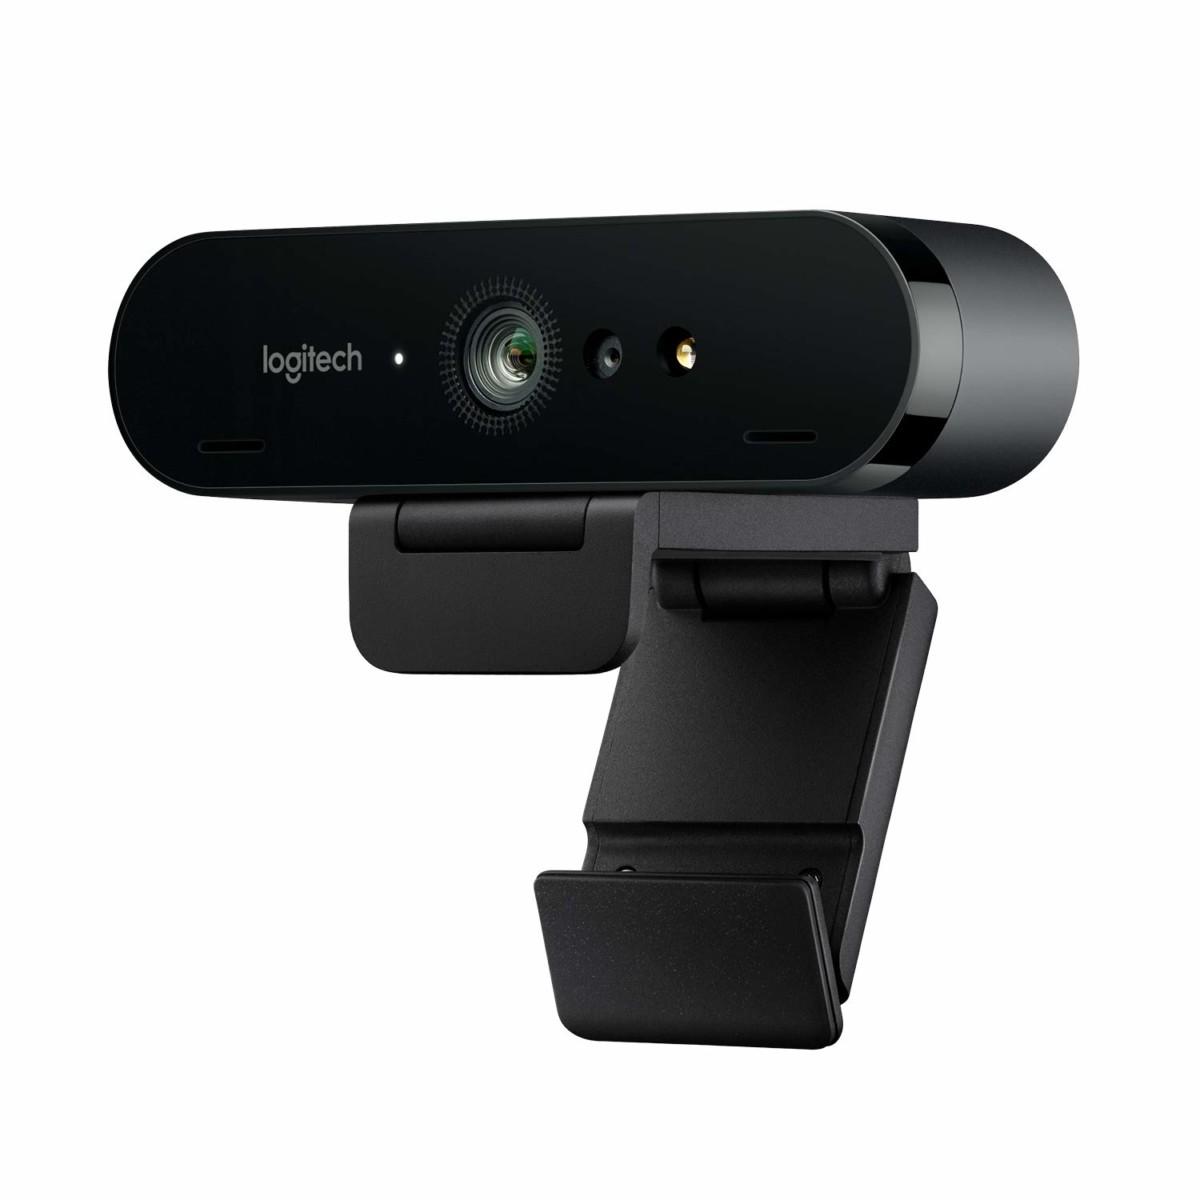 La caméra Logitech Brio 4K gère la reconnaissance faciale Windows Hello